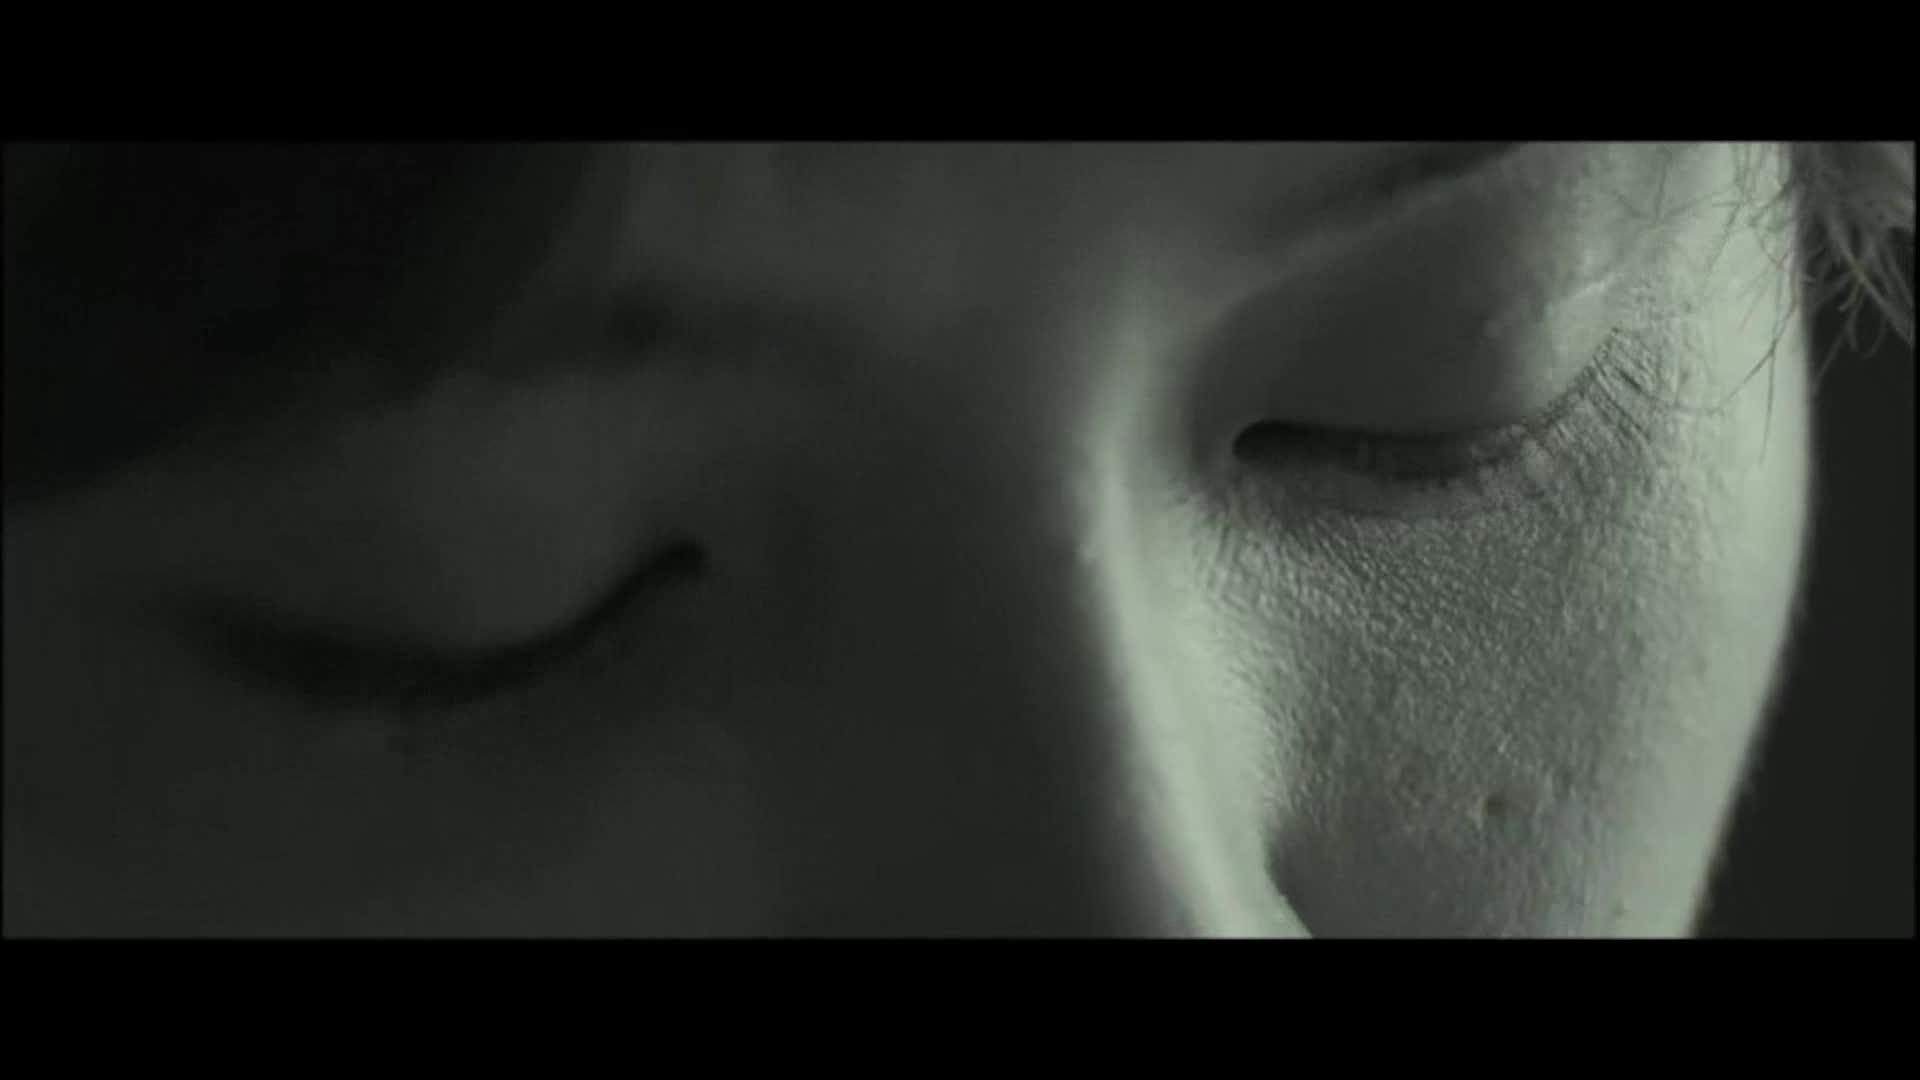 鹿晗演唱《空天猎》结尾曲《追梦赤子心》外加拍摄场面